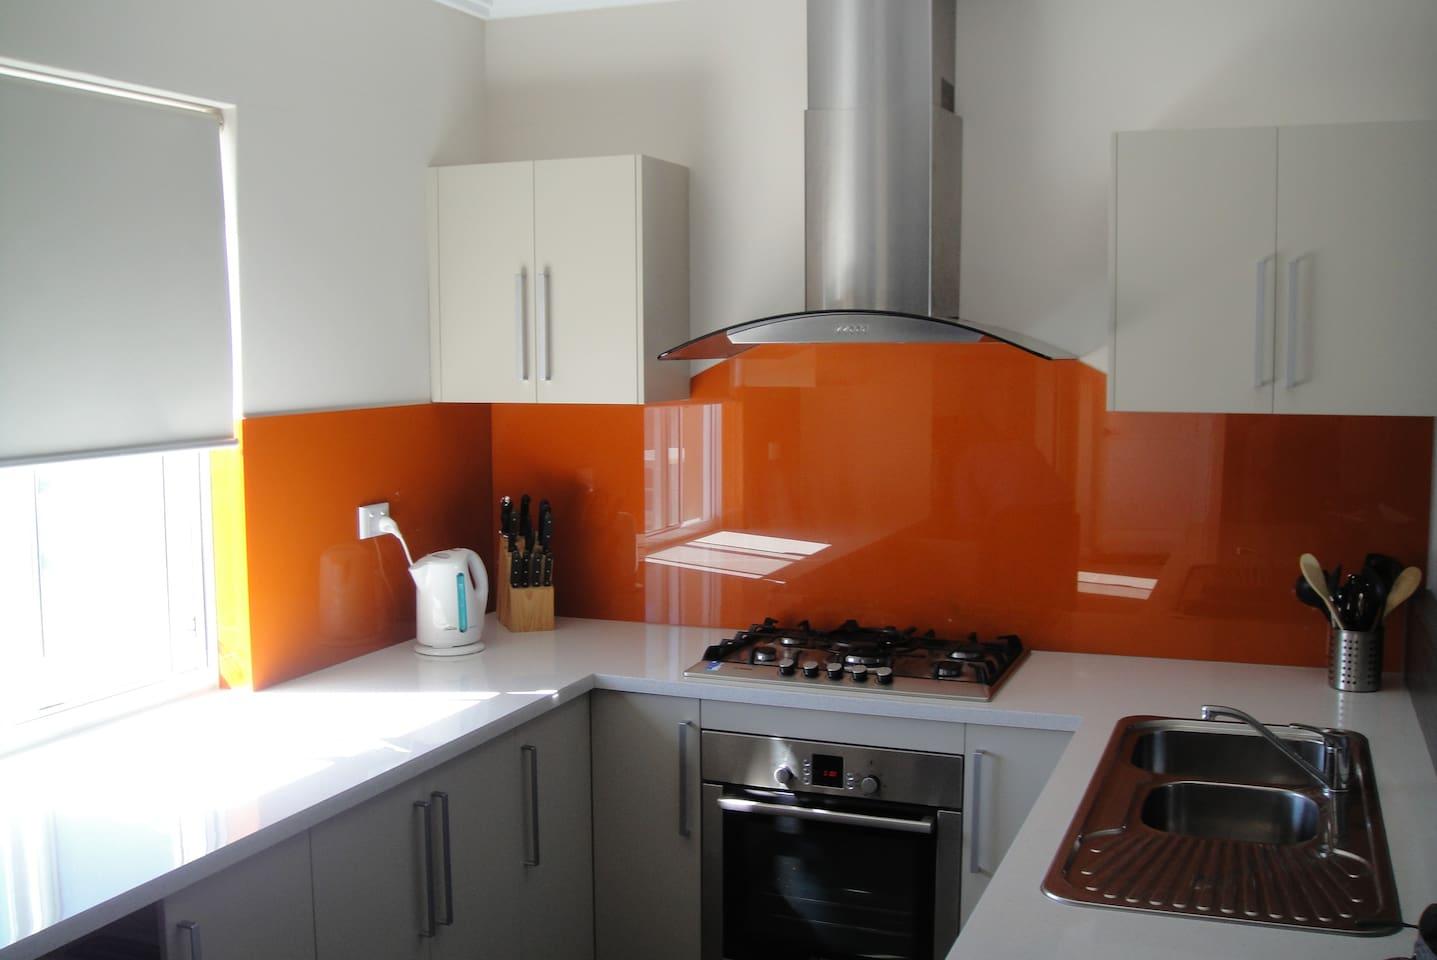 Modern Kitchen with Utensils